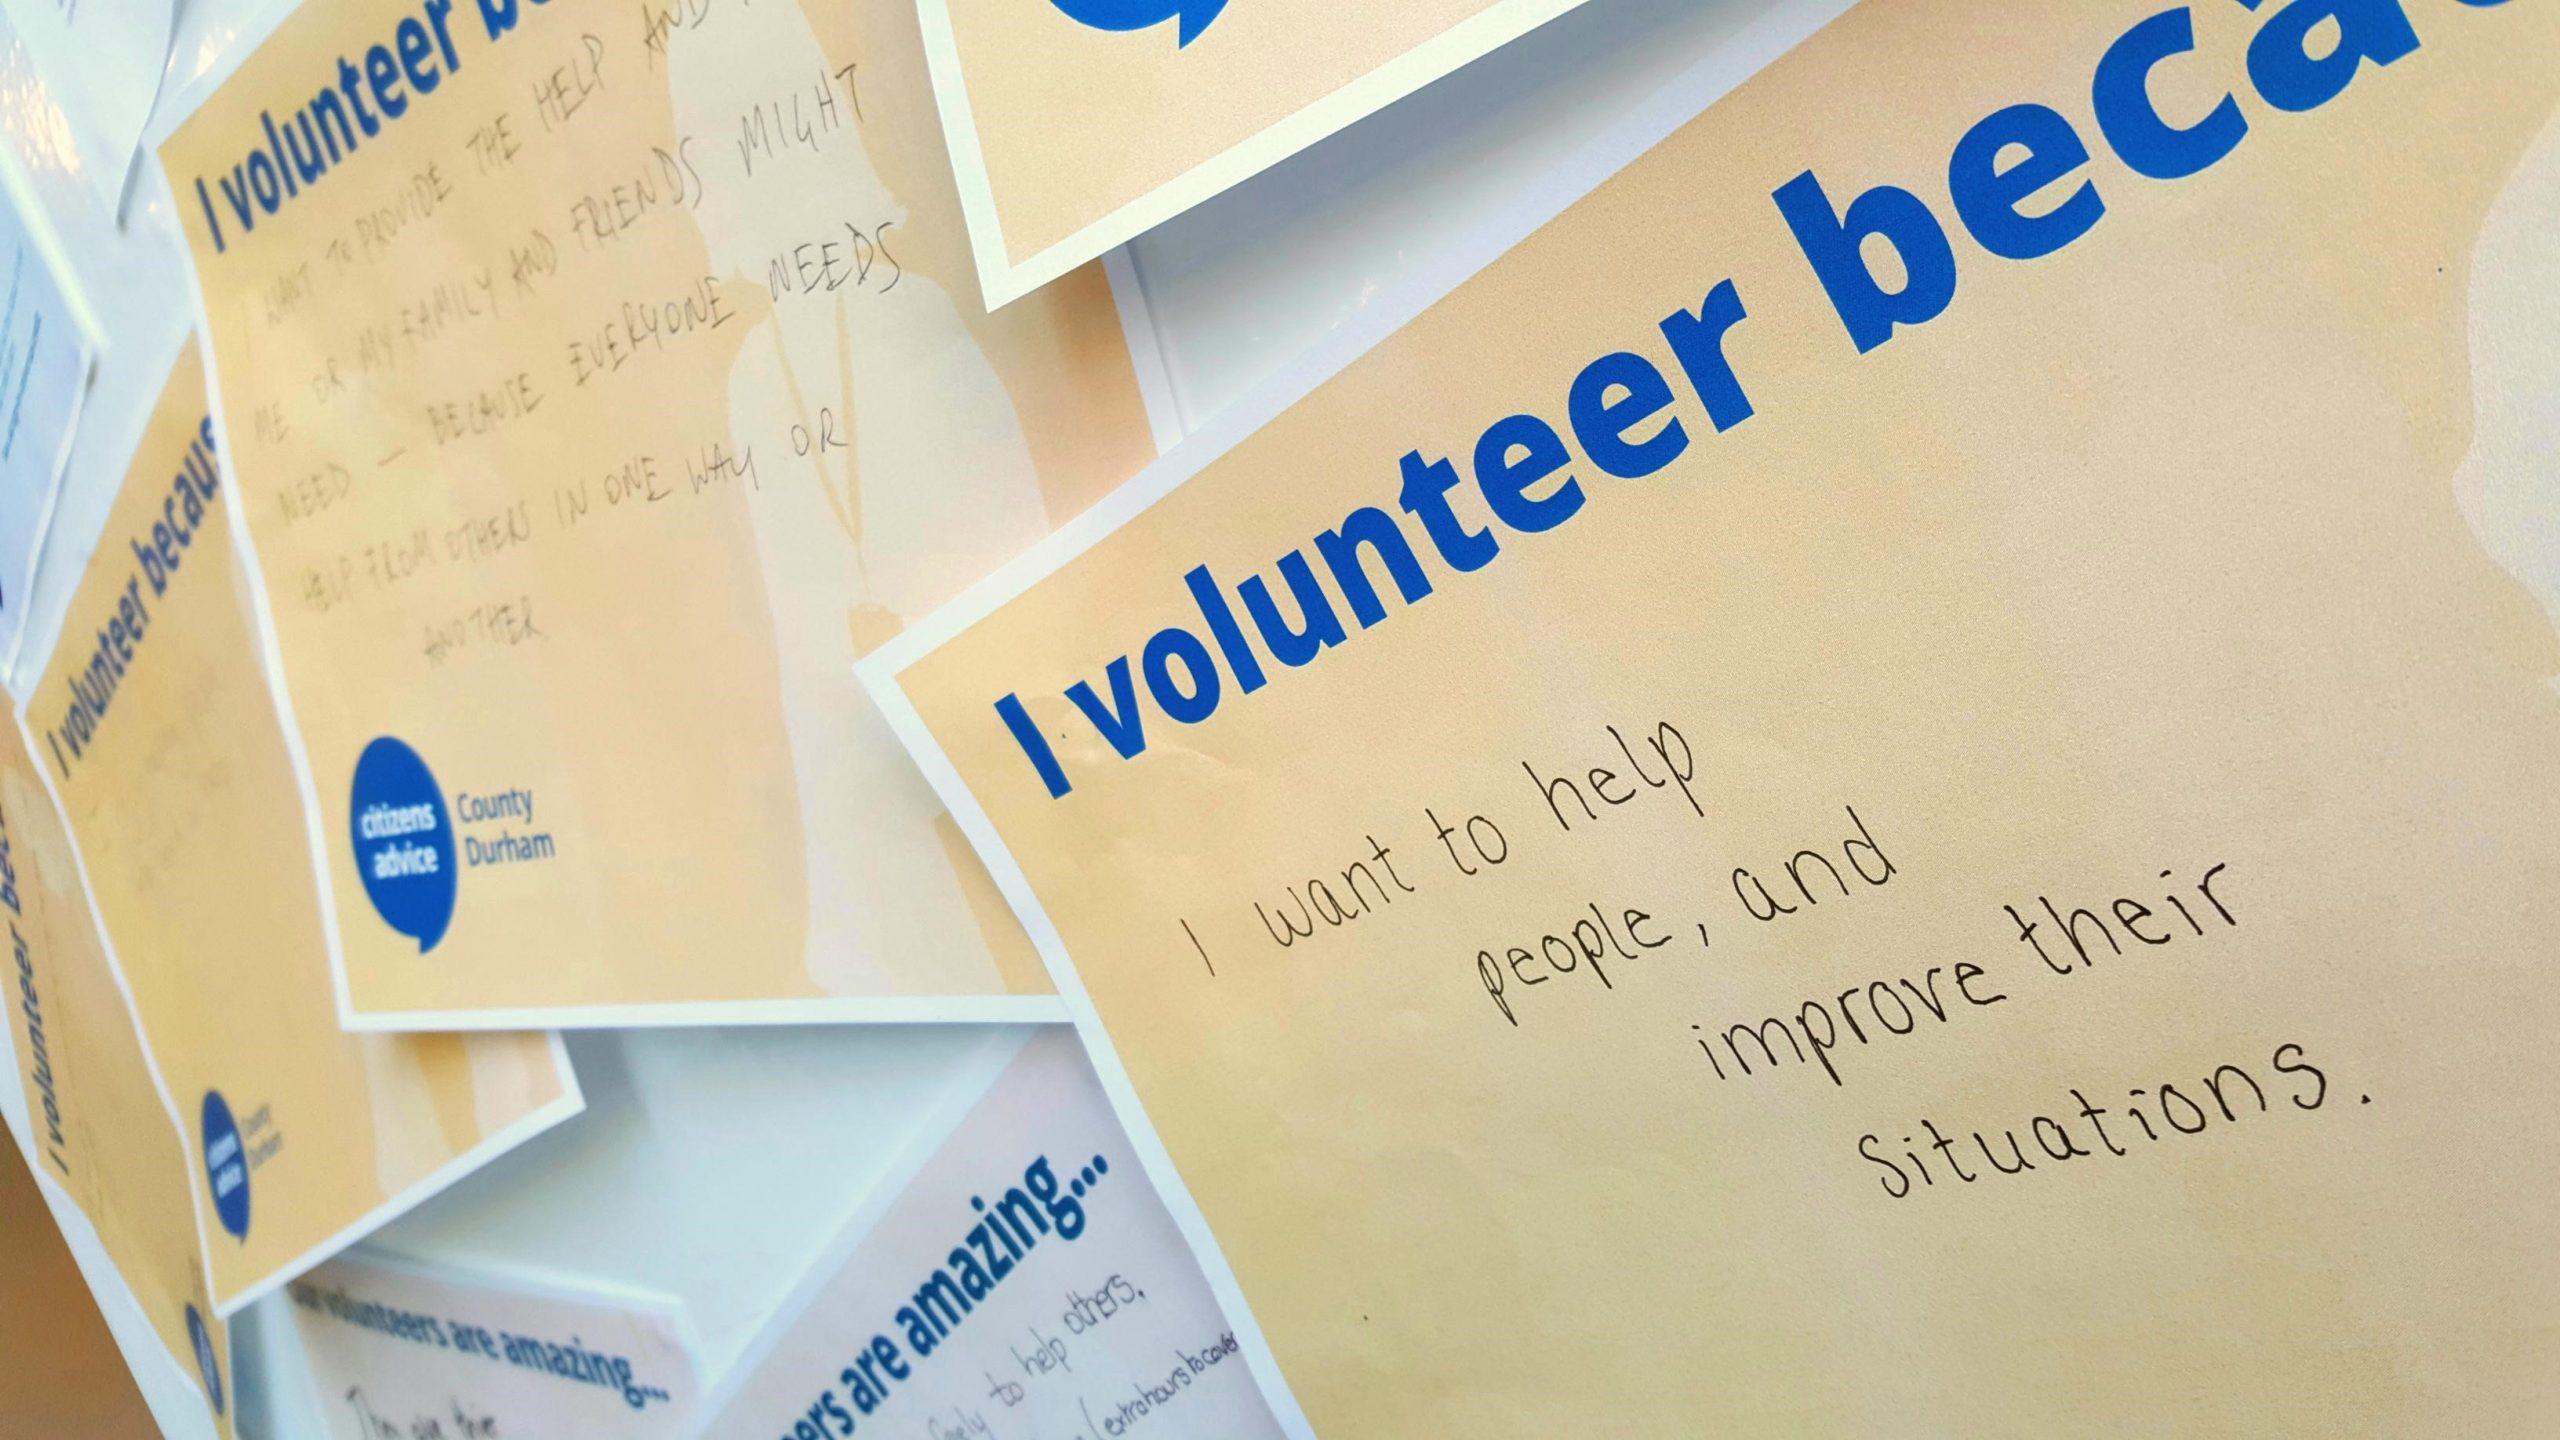 It's volunteers week!